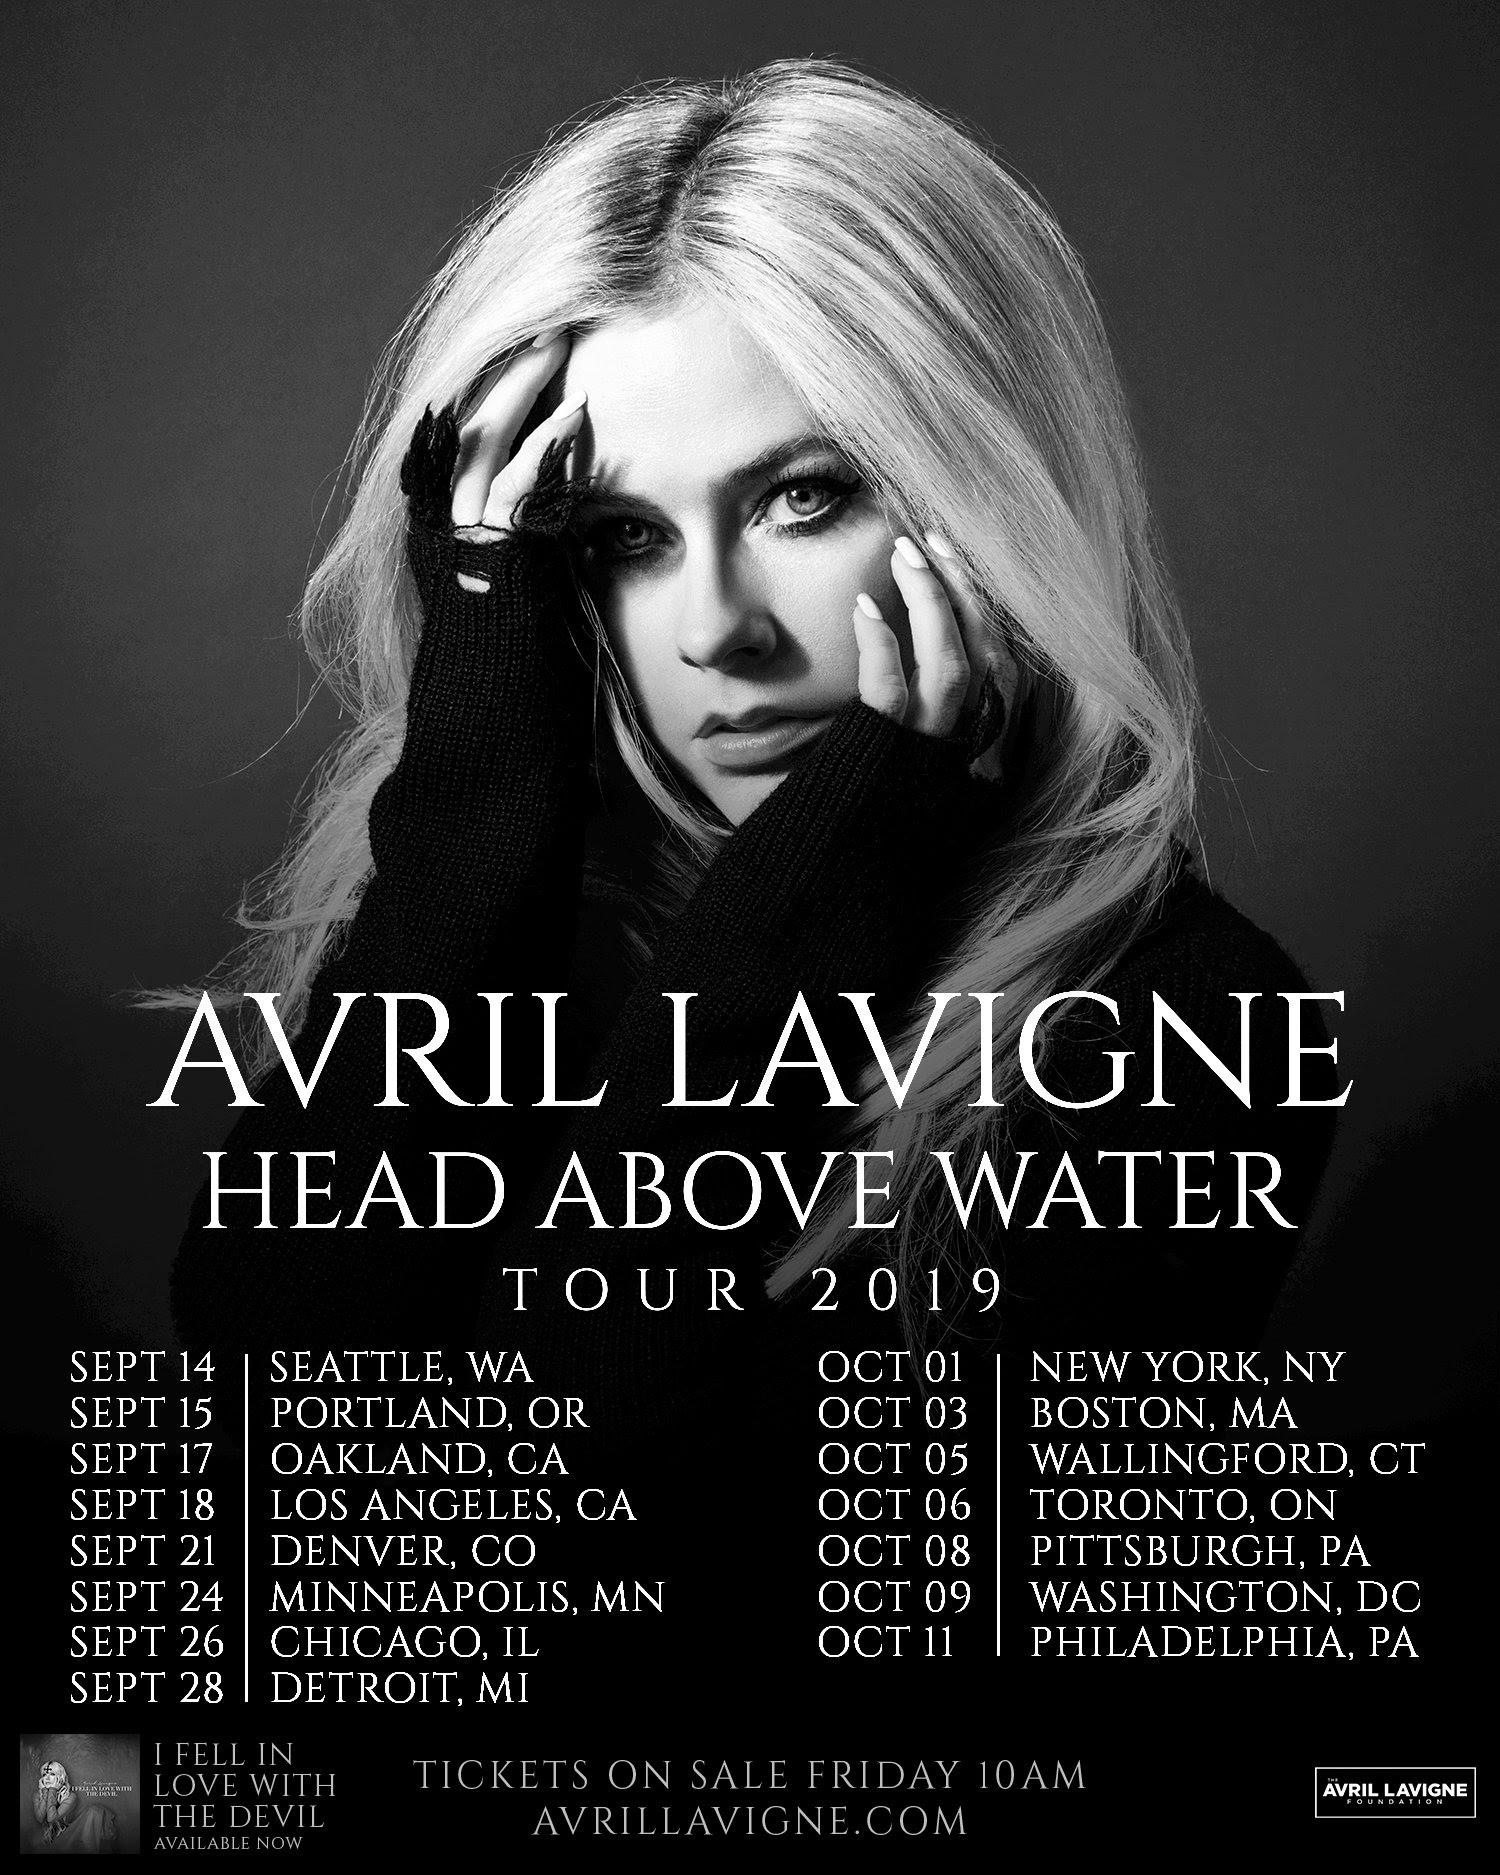 Avril Lavigne 2019 tour